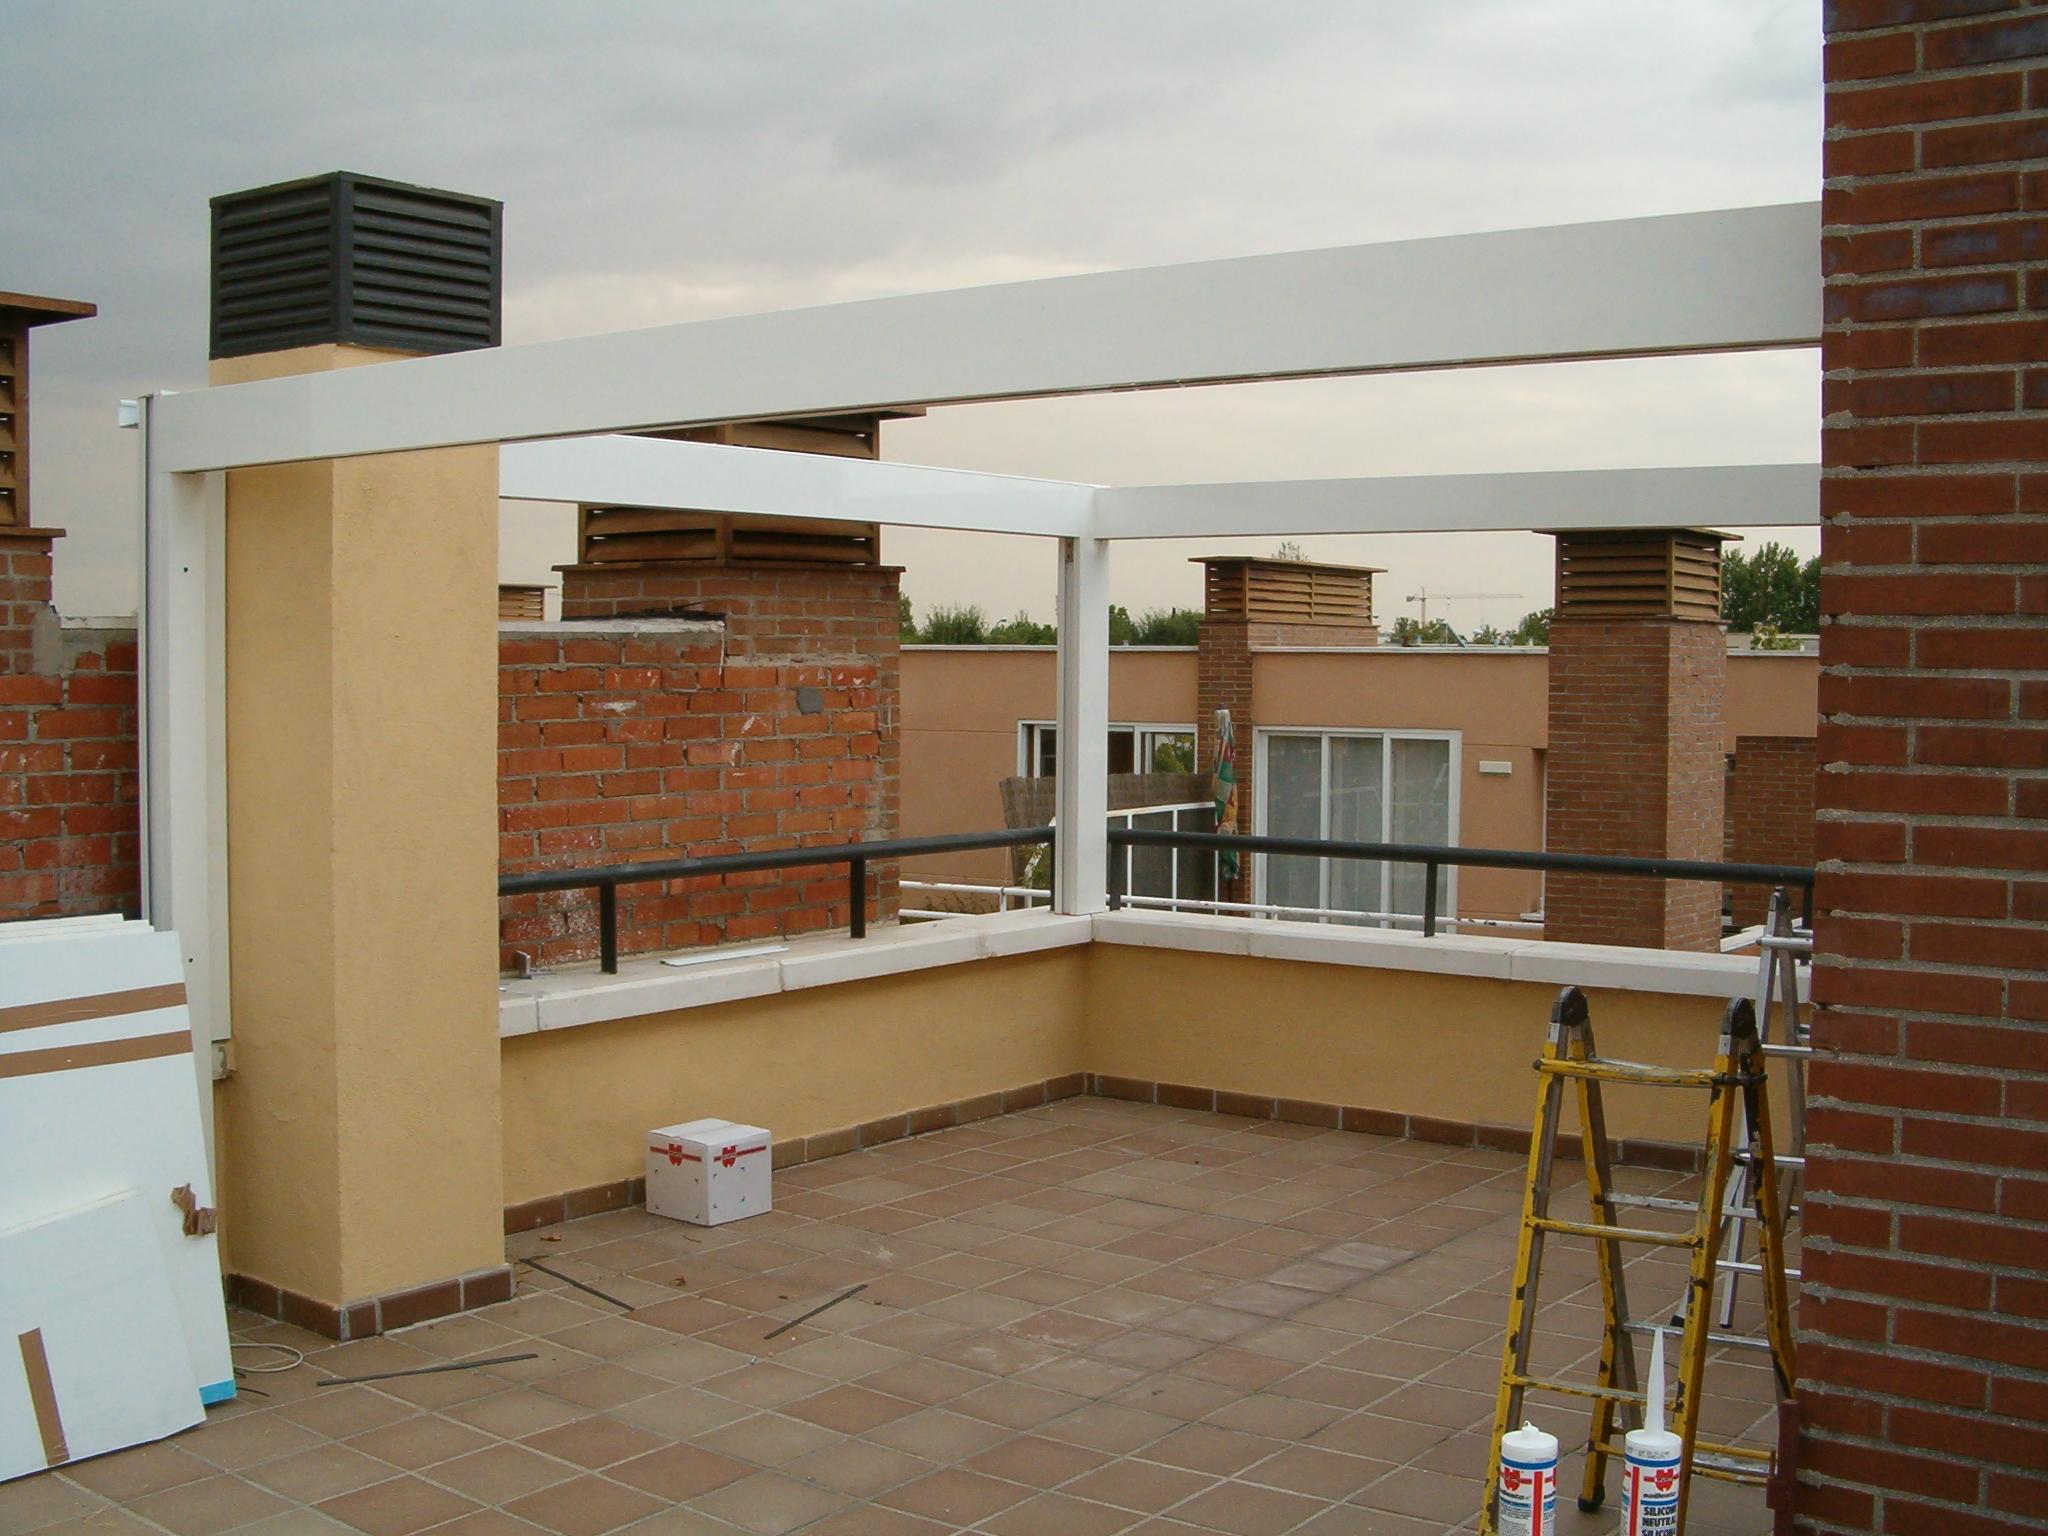 Montaje de estructura (Sin mantenimientos).